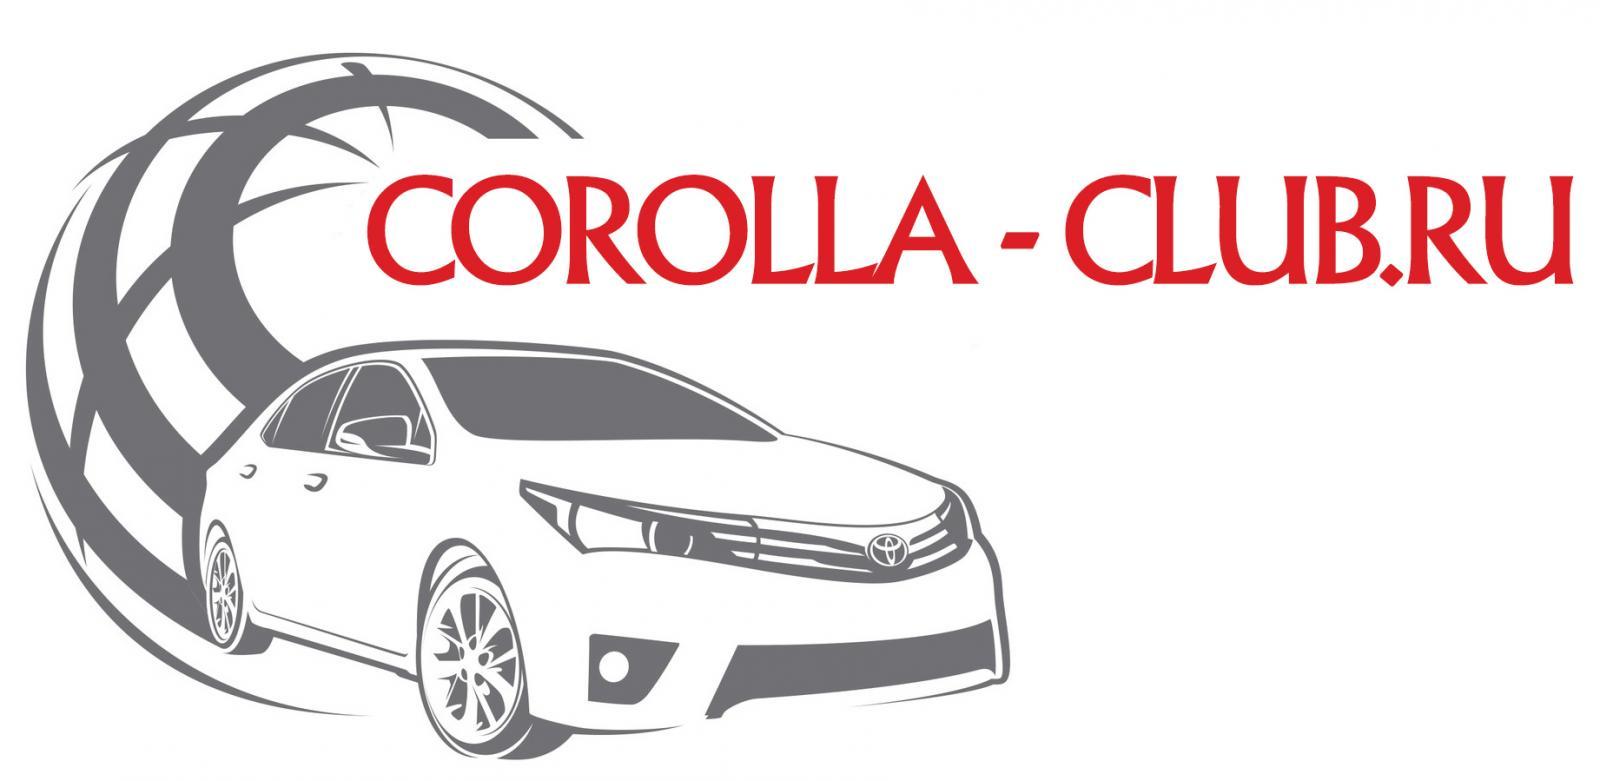 corolla-club_img